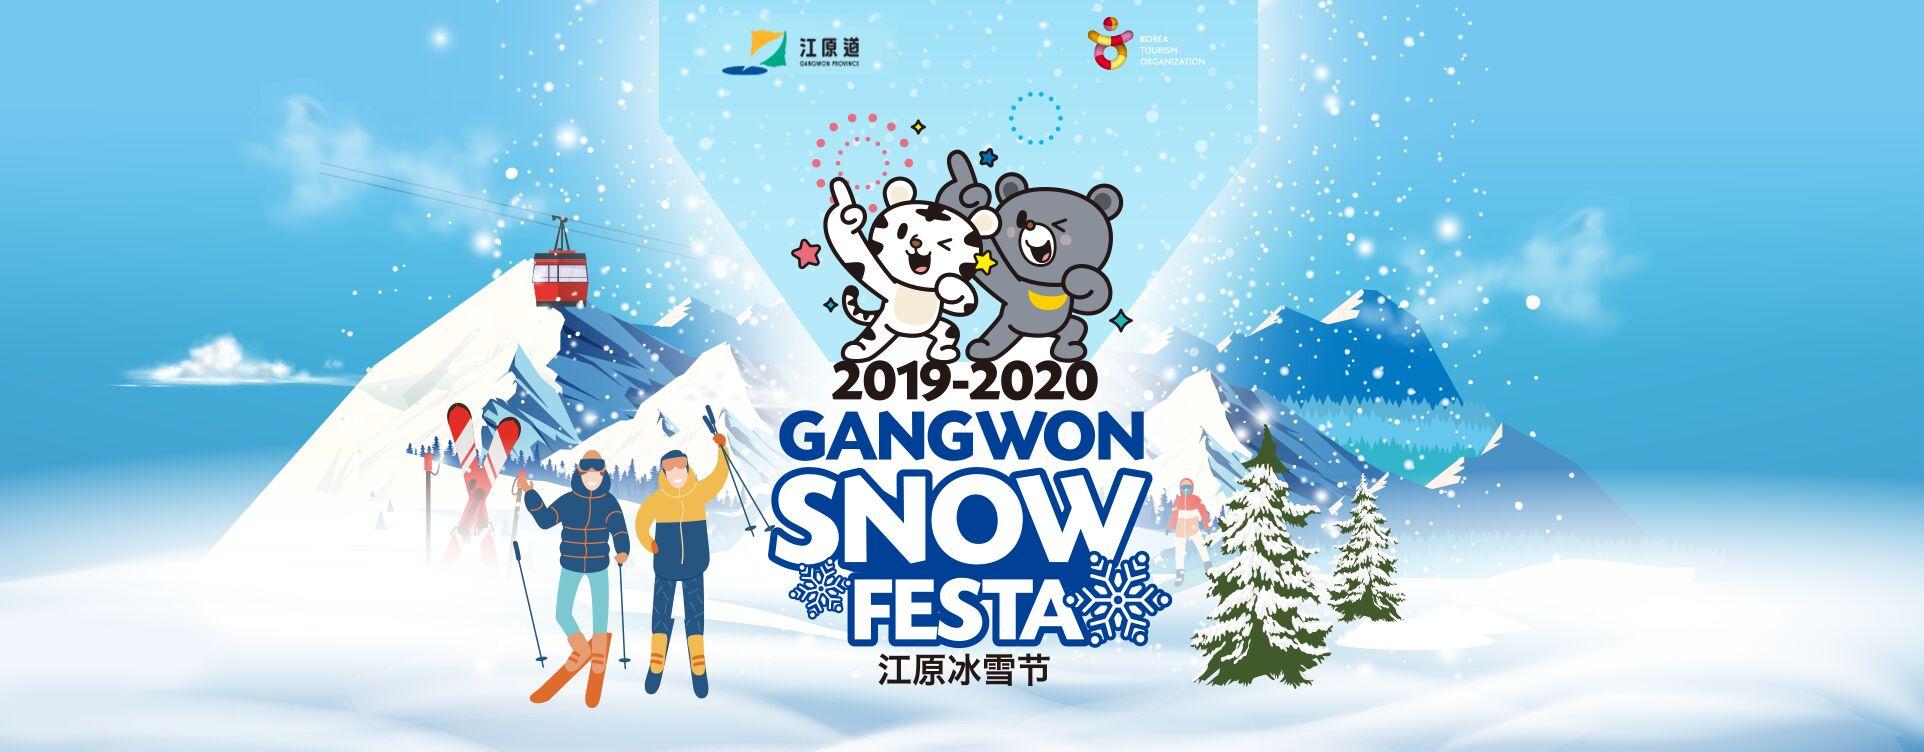 韩国江原道冰雪节